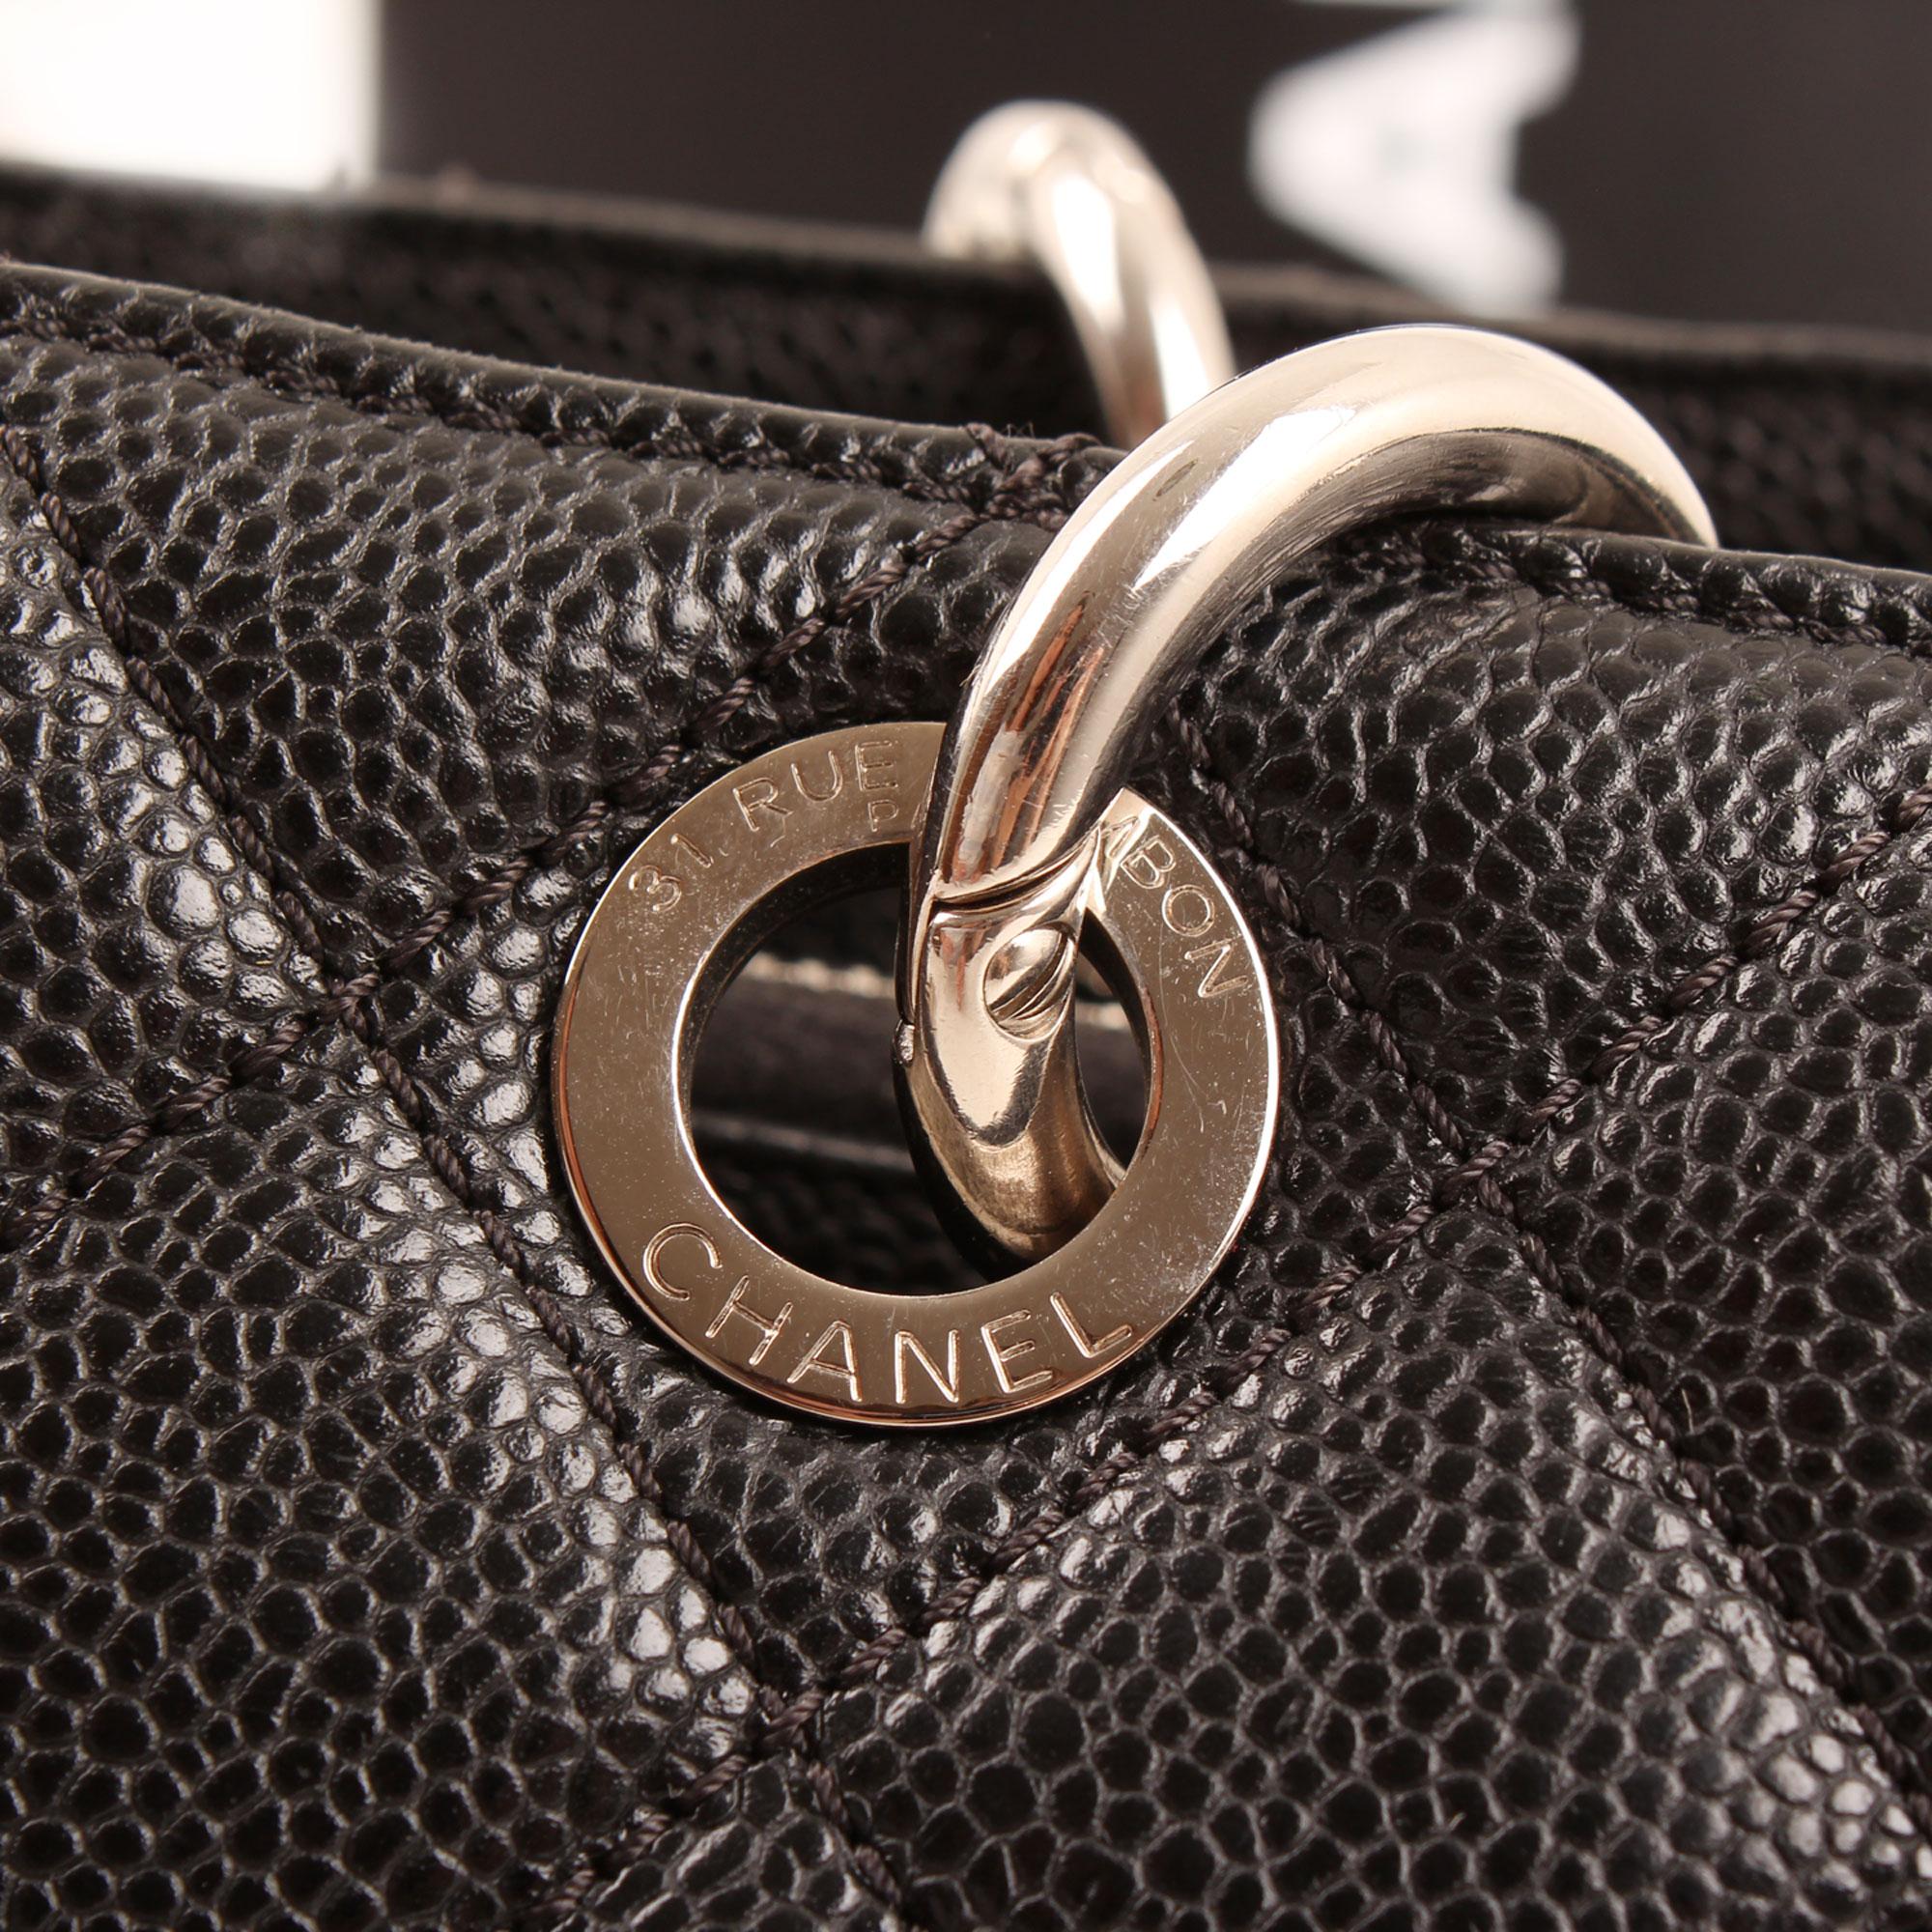 Imagen de detalle del herraje del bolso chanel grand shopping tote caviar negro